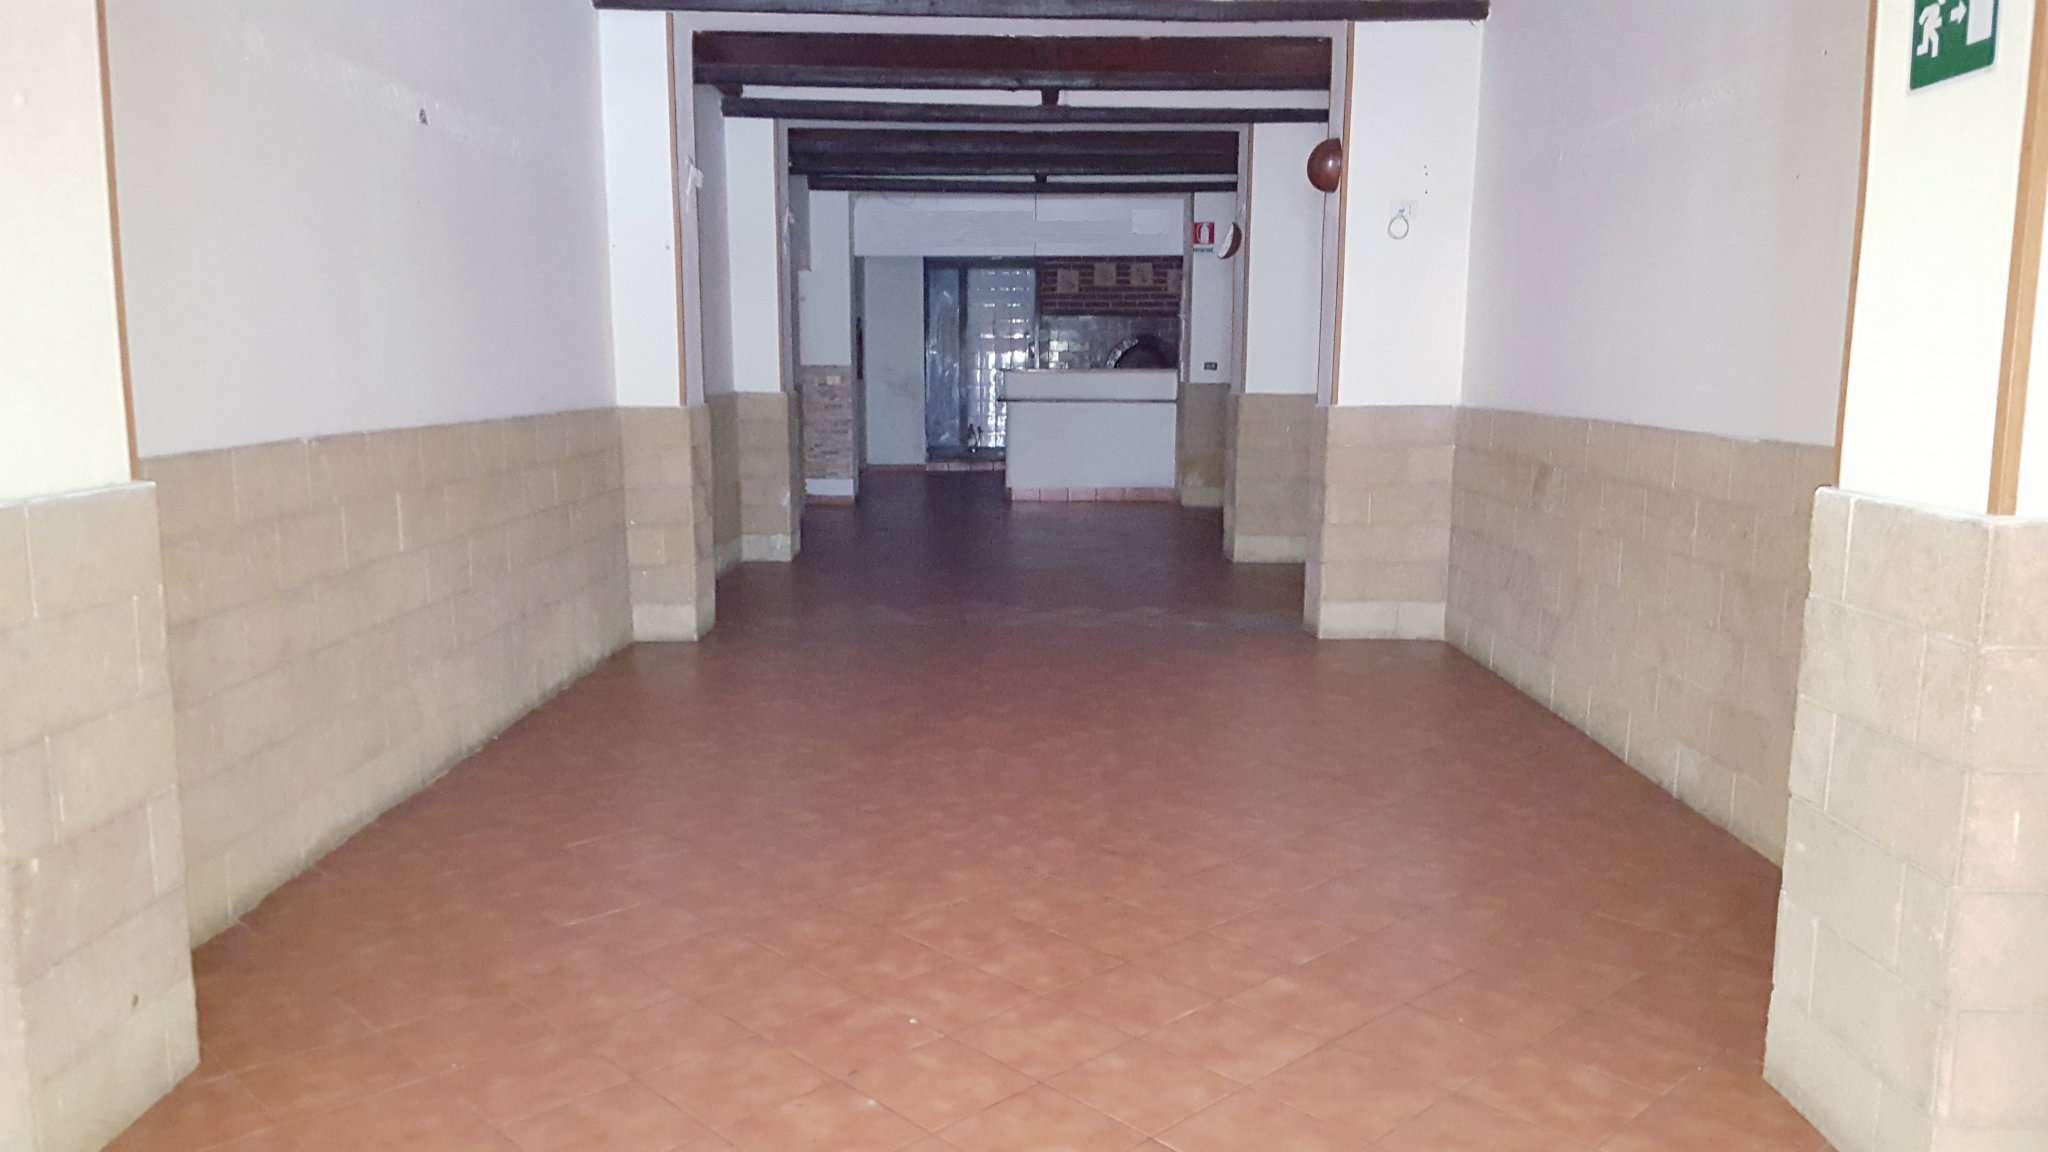 Negozio-locale in Affitto a Palermo Centro: 170 mq